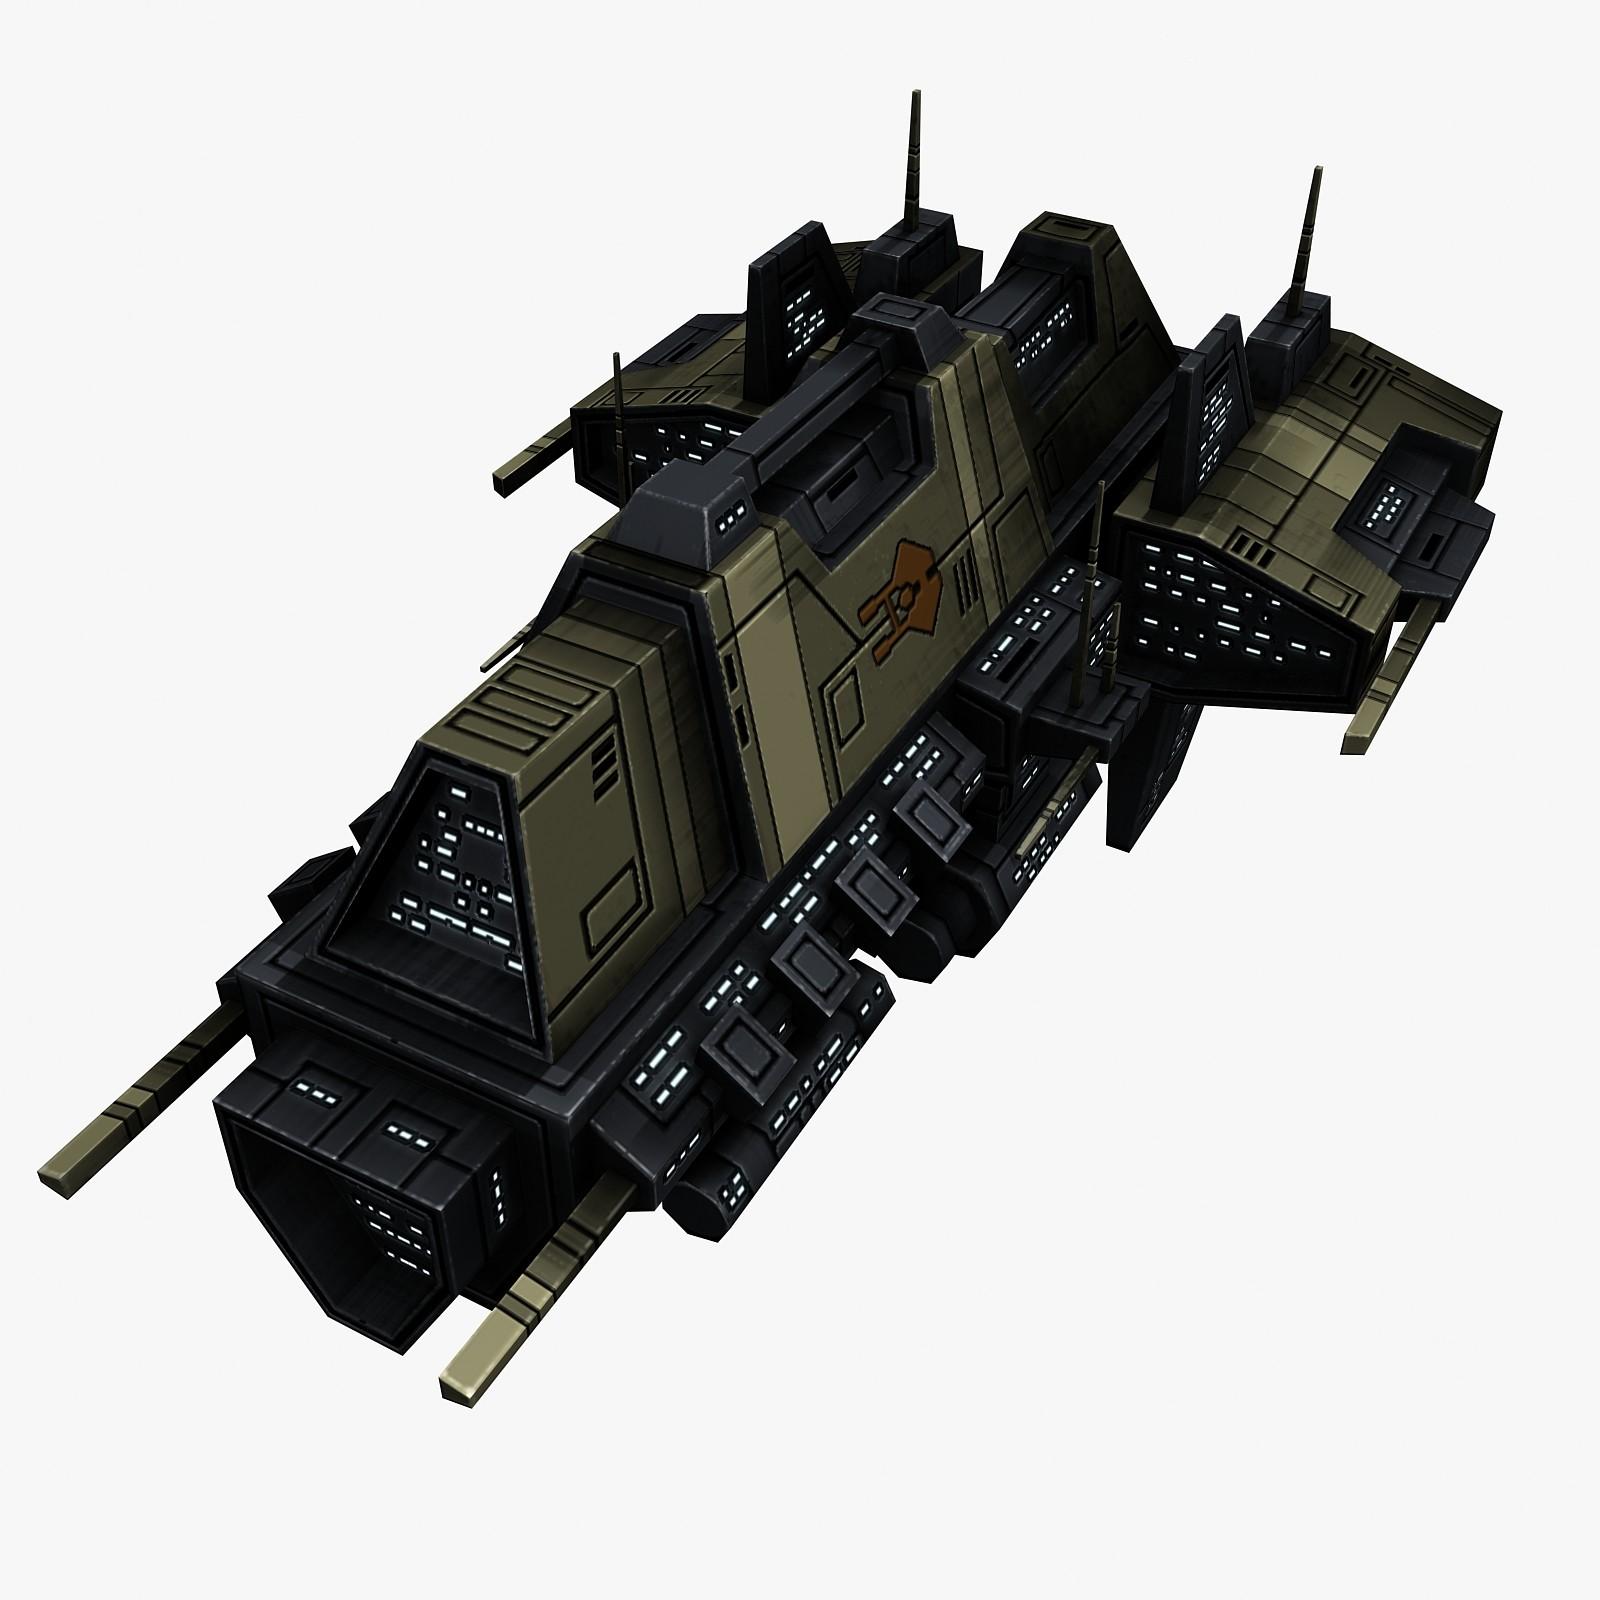 spaceship max